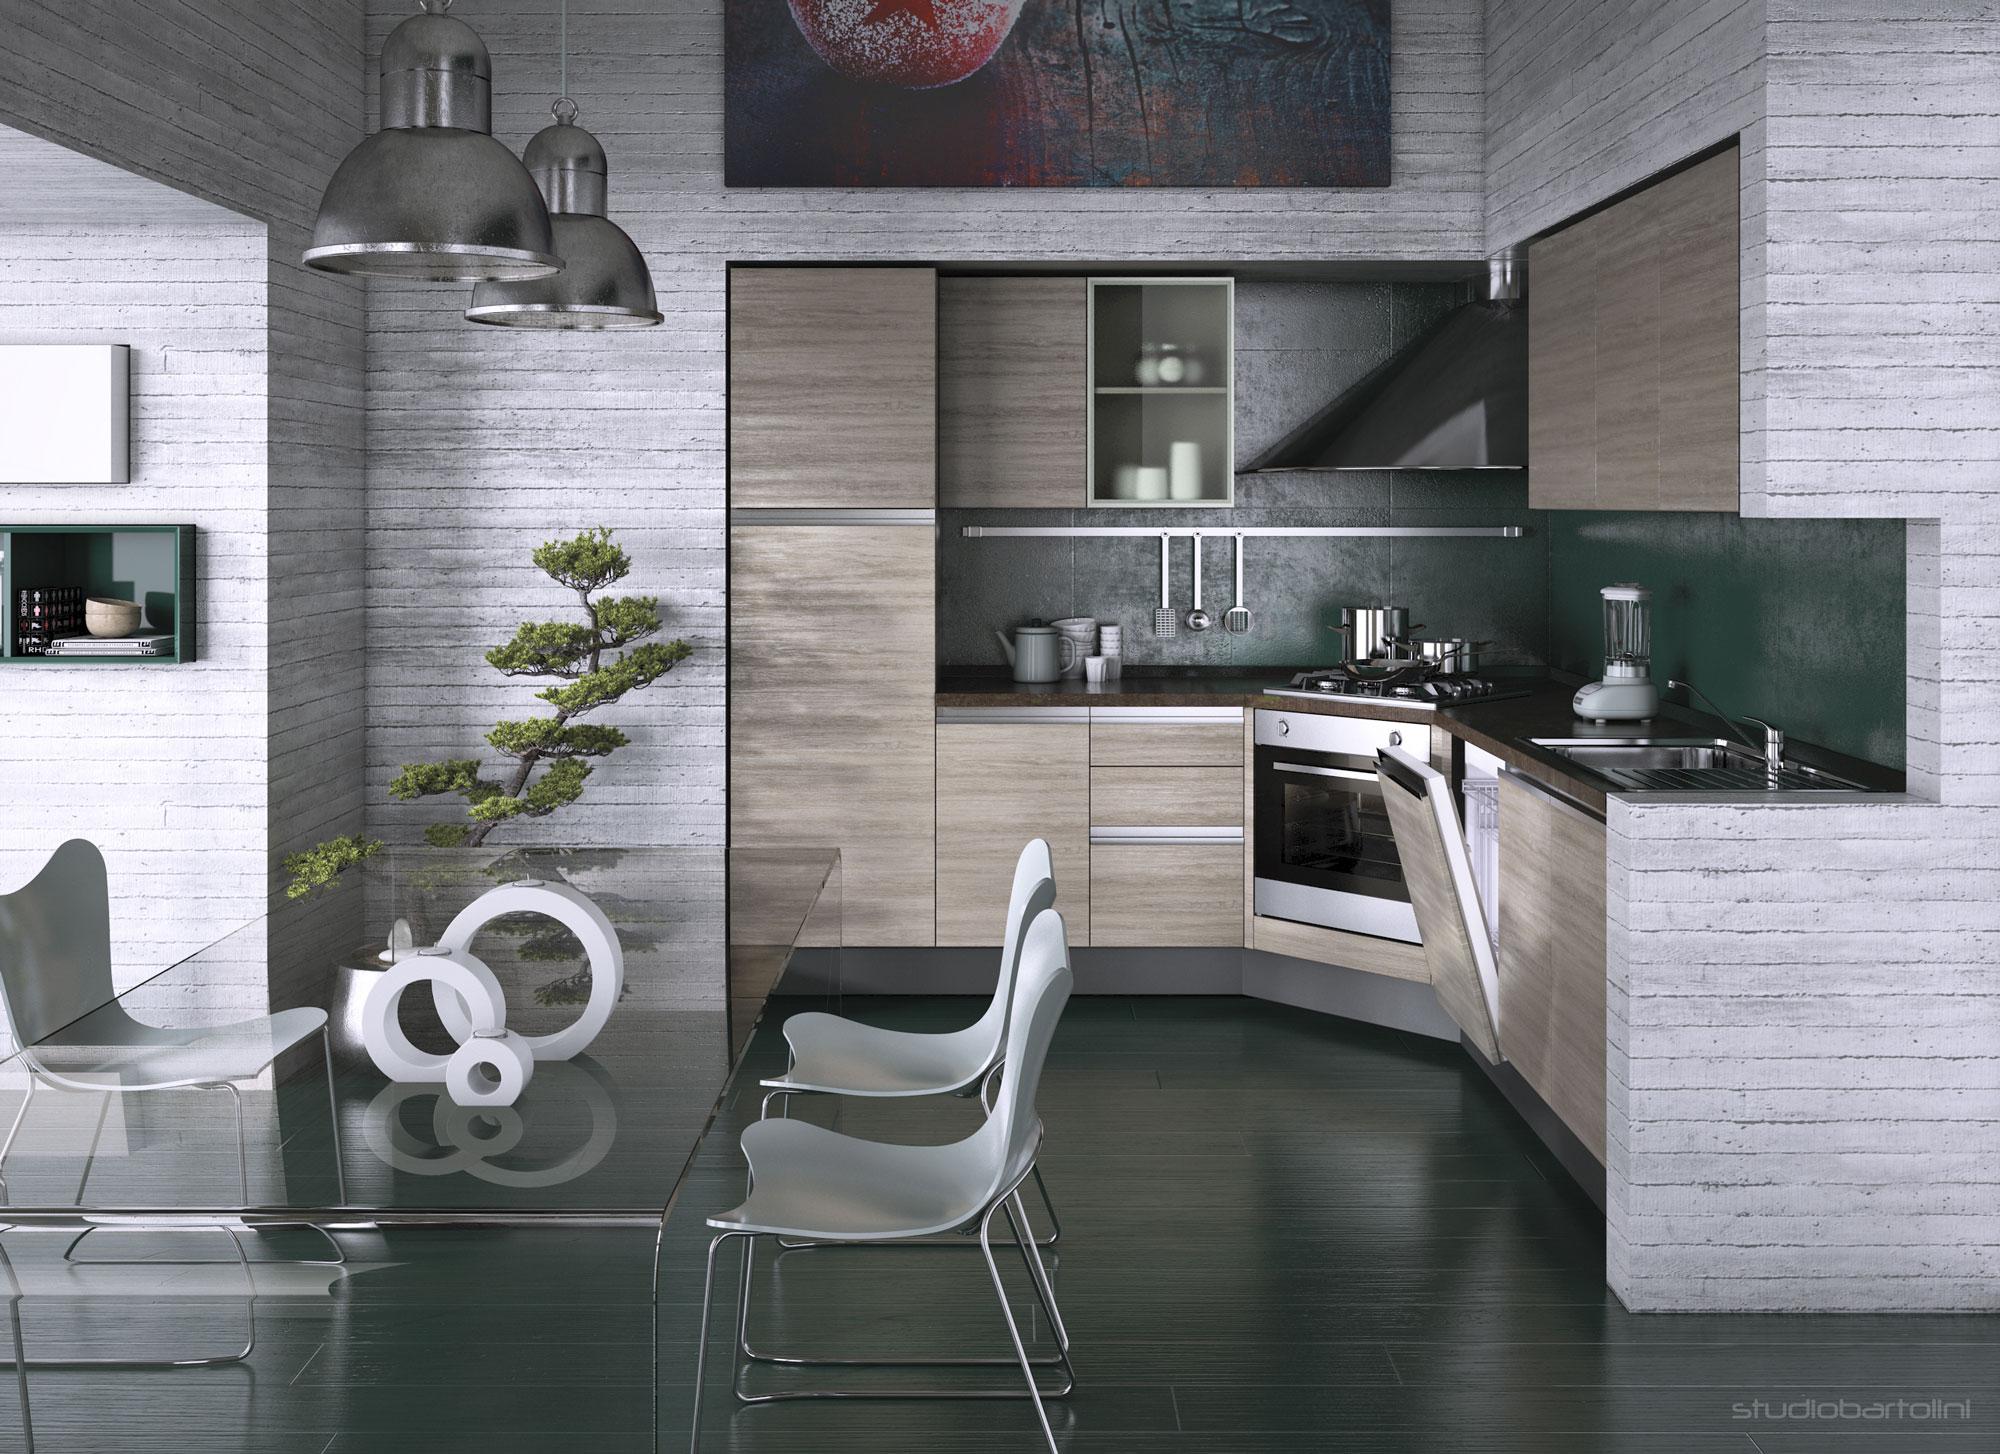 3D Studio Bartolini progettazione rendering cataloghi ...